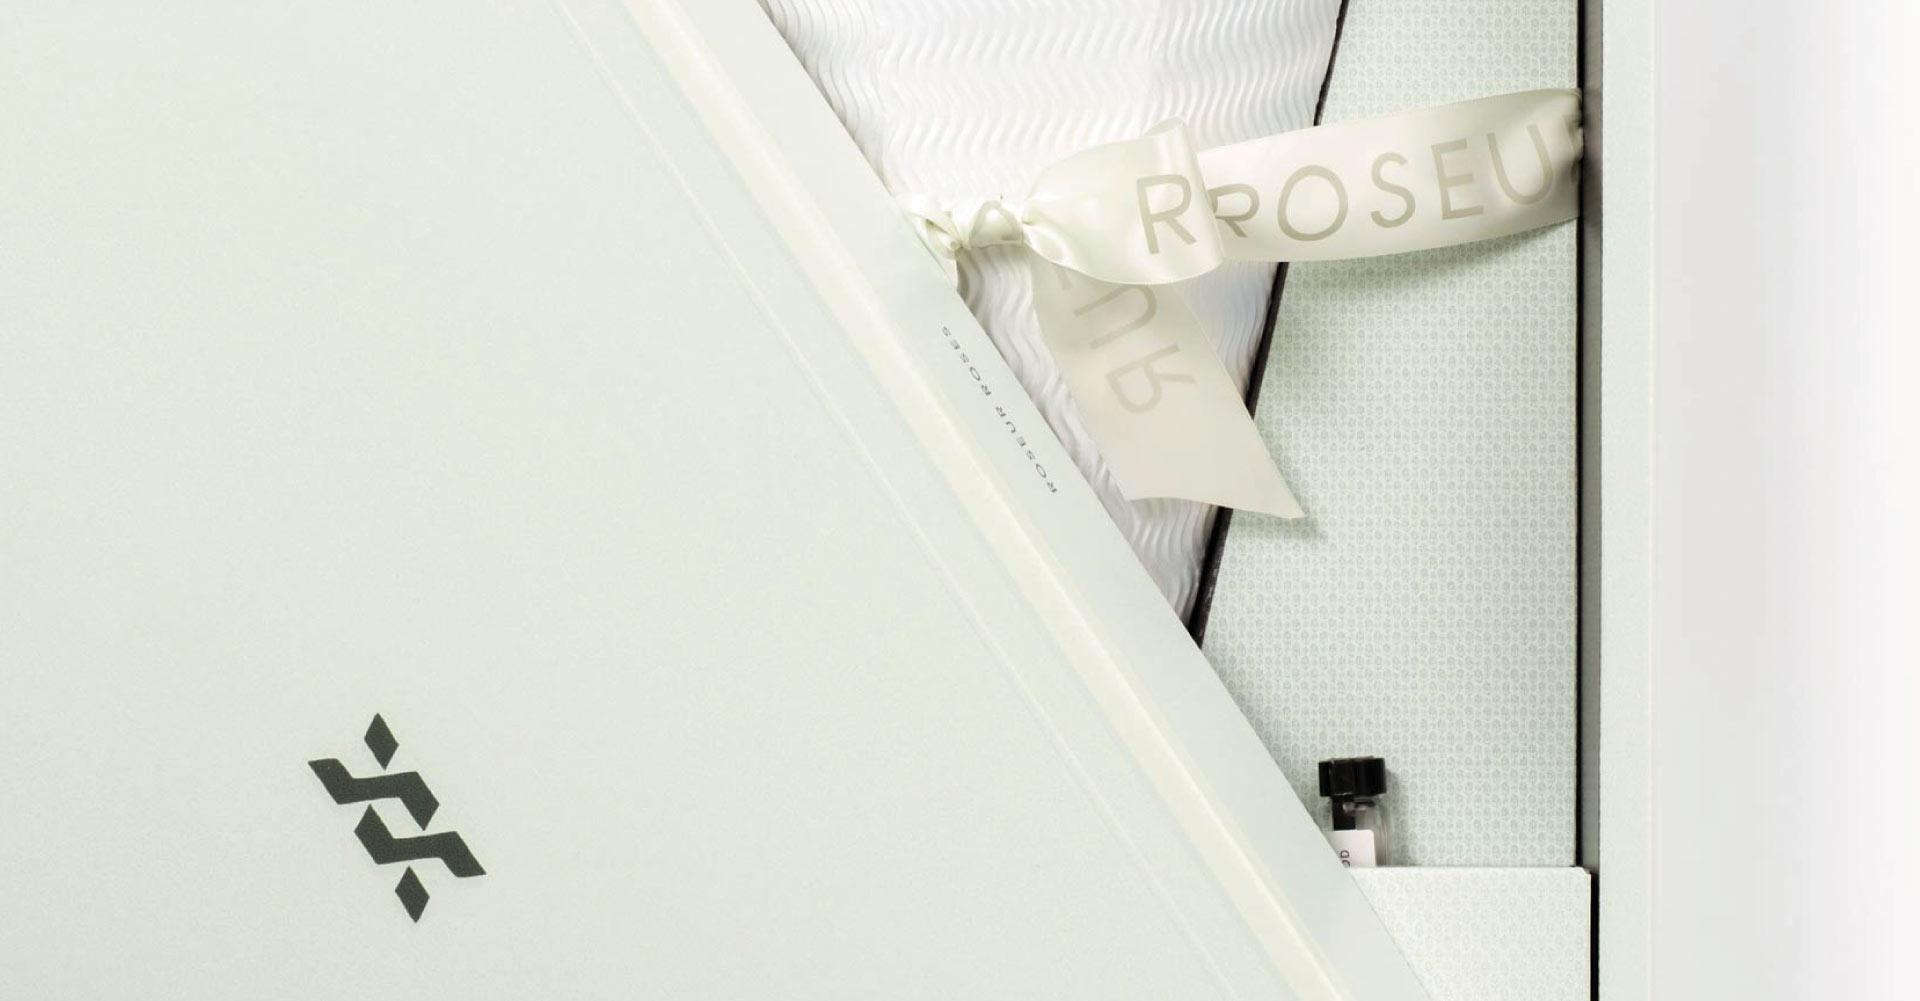 Creative_Retail_Packaging_Custom_Luxury_Packaging_Design_Roseur-08.jpg